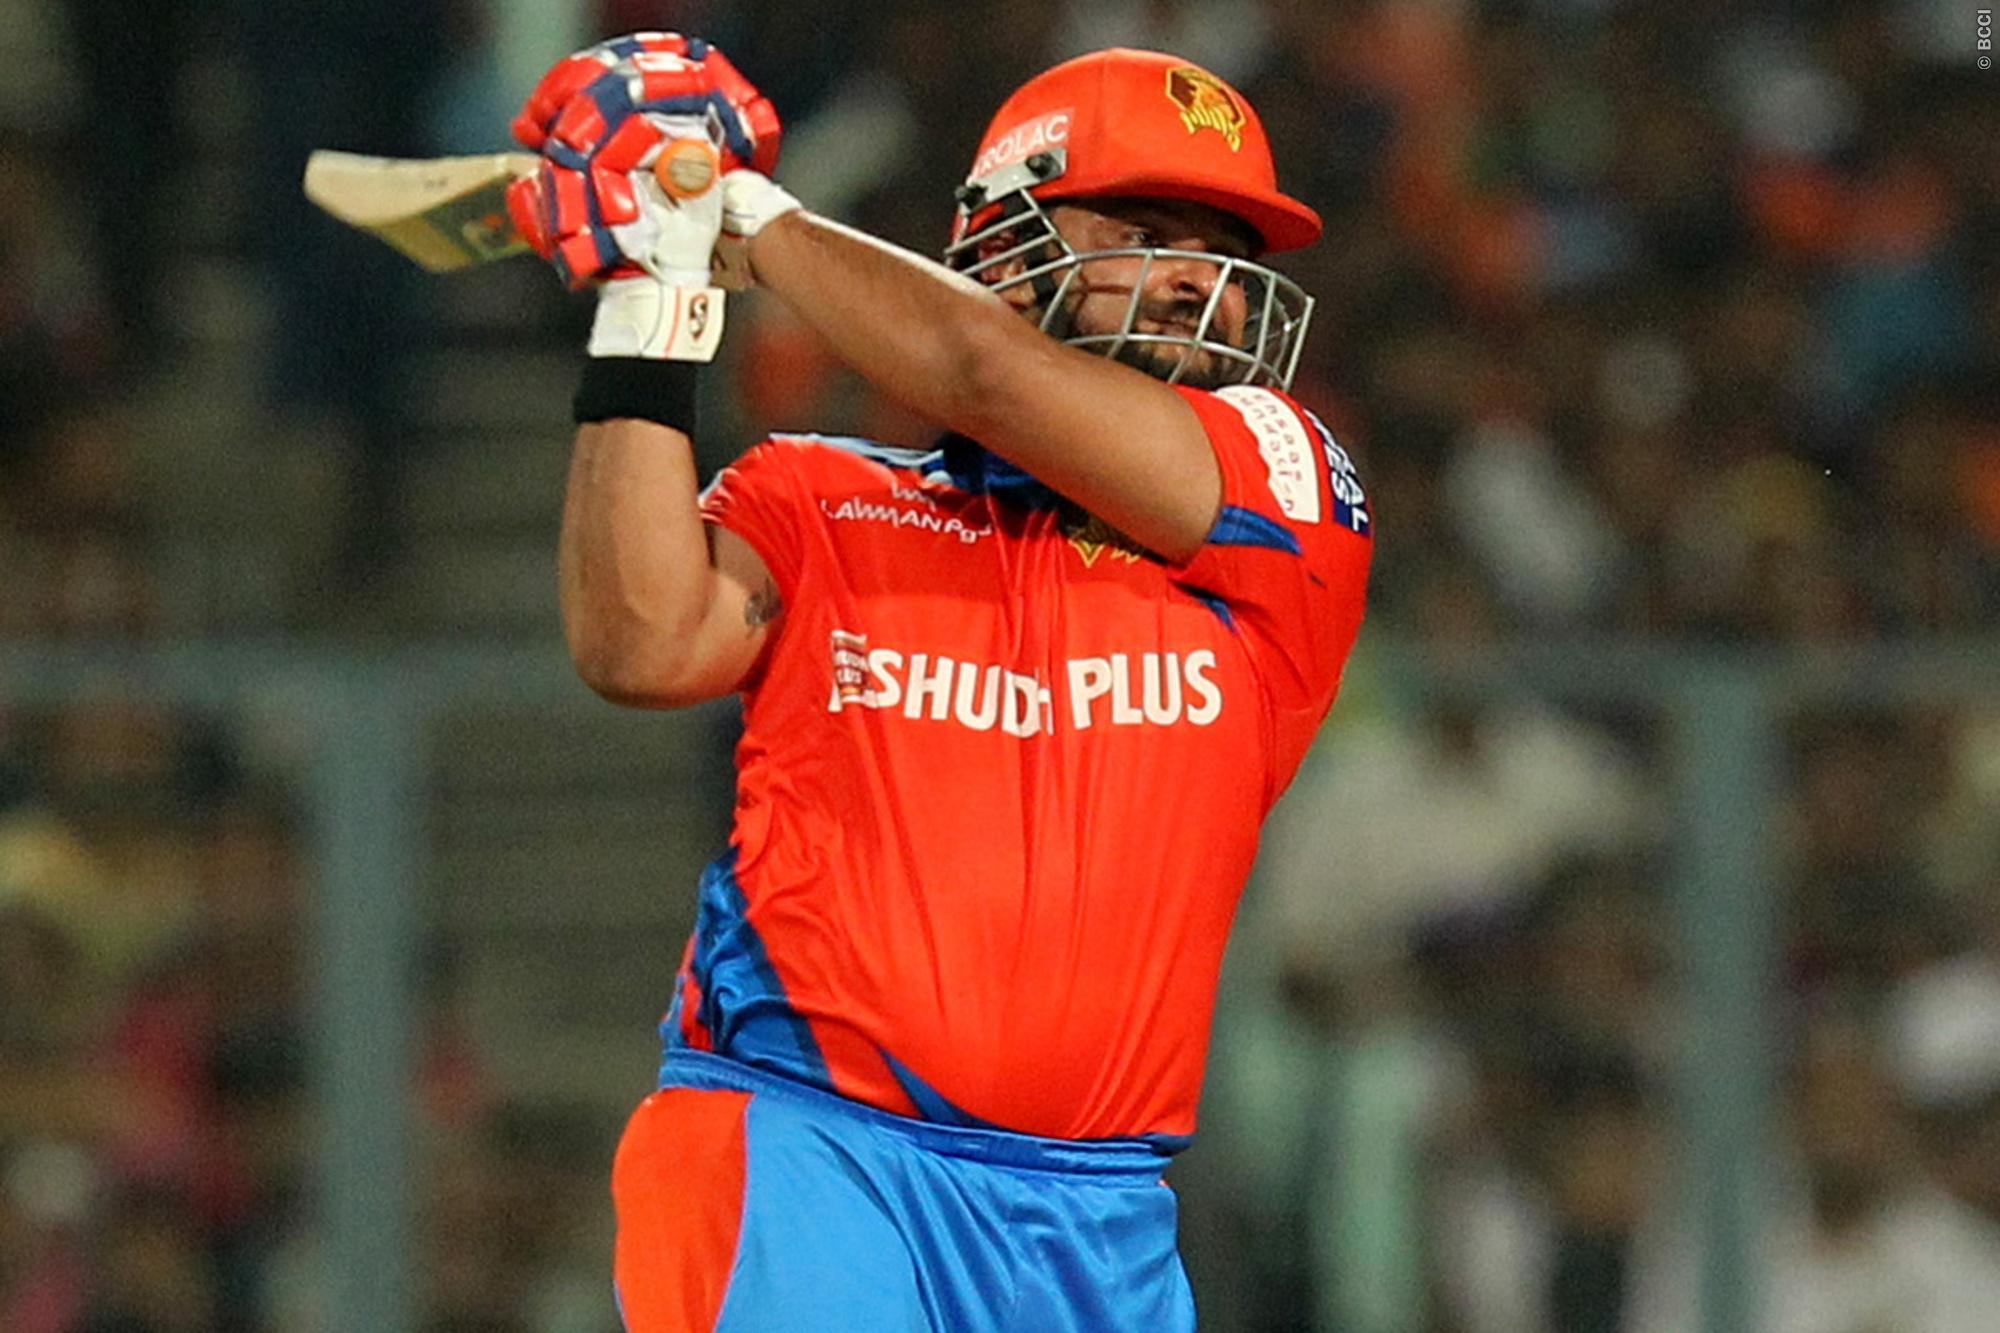 IPL10: कल रात केकेआर के खिलाफ आतिशी पारी खेलने वाले सुरेश रैना ने बढ़ाया गेल के सबसे रिकॉर्ड की तरह बड़ा कदम 1